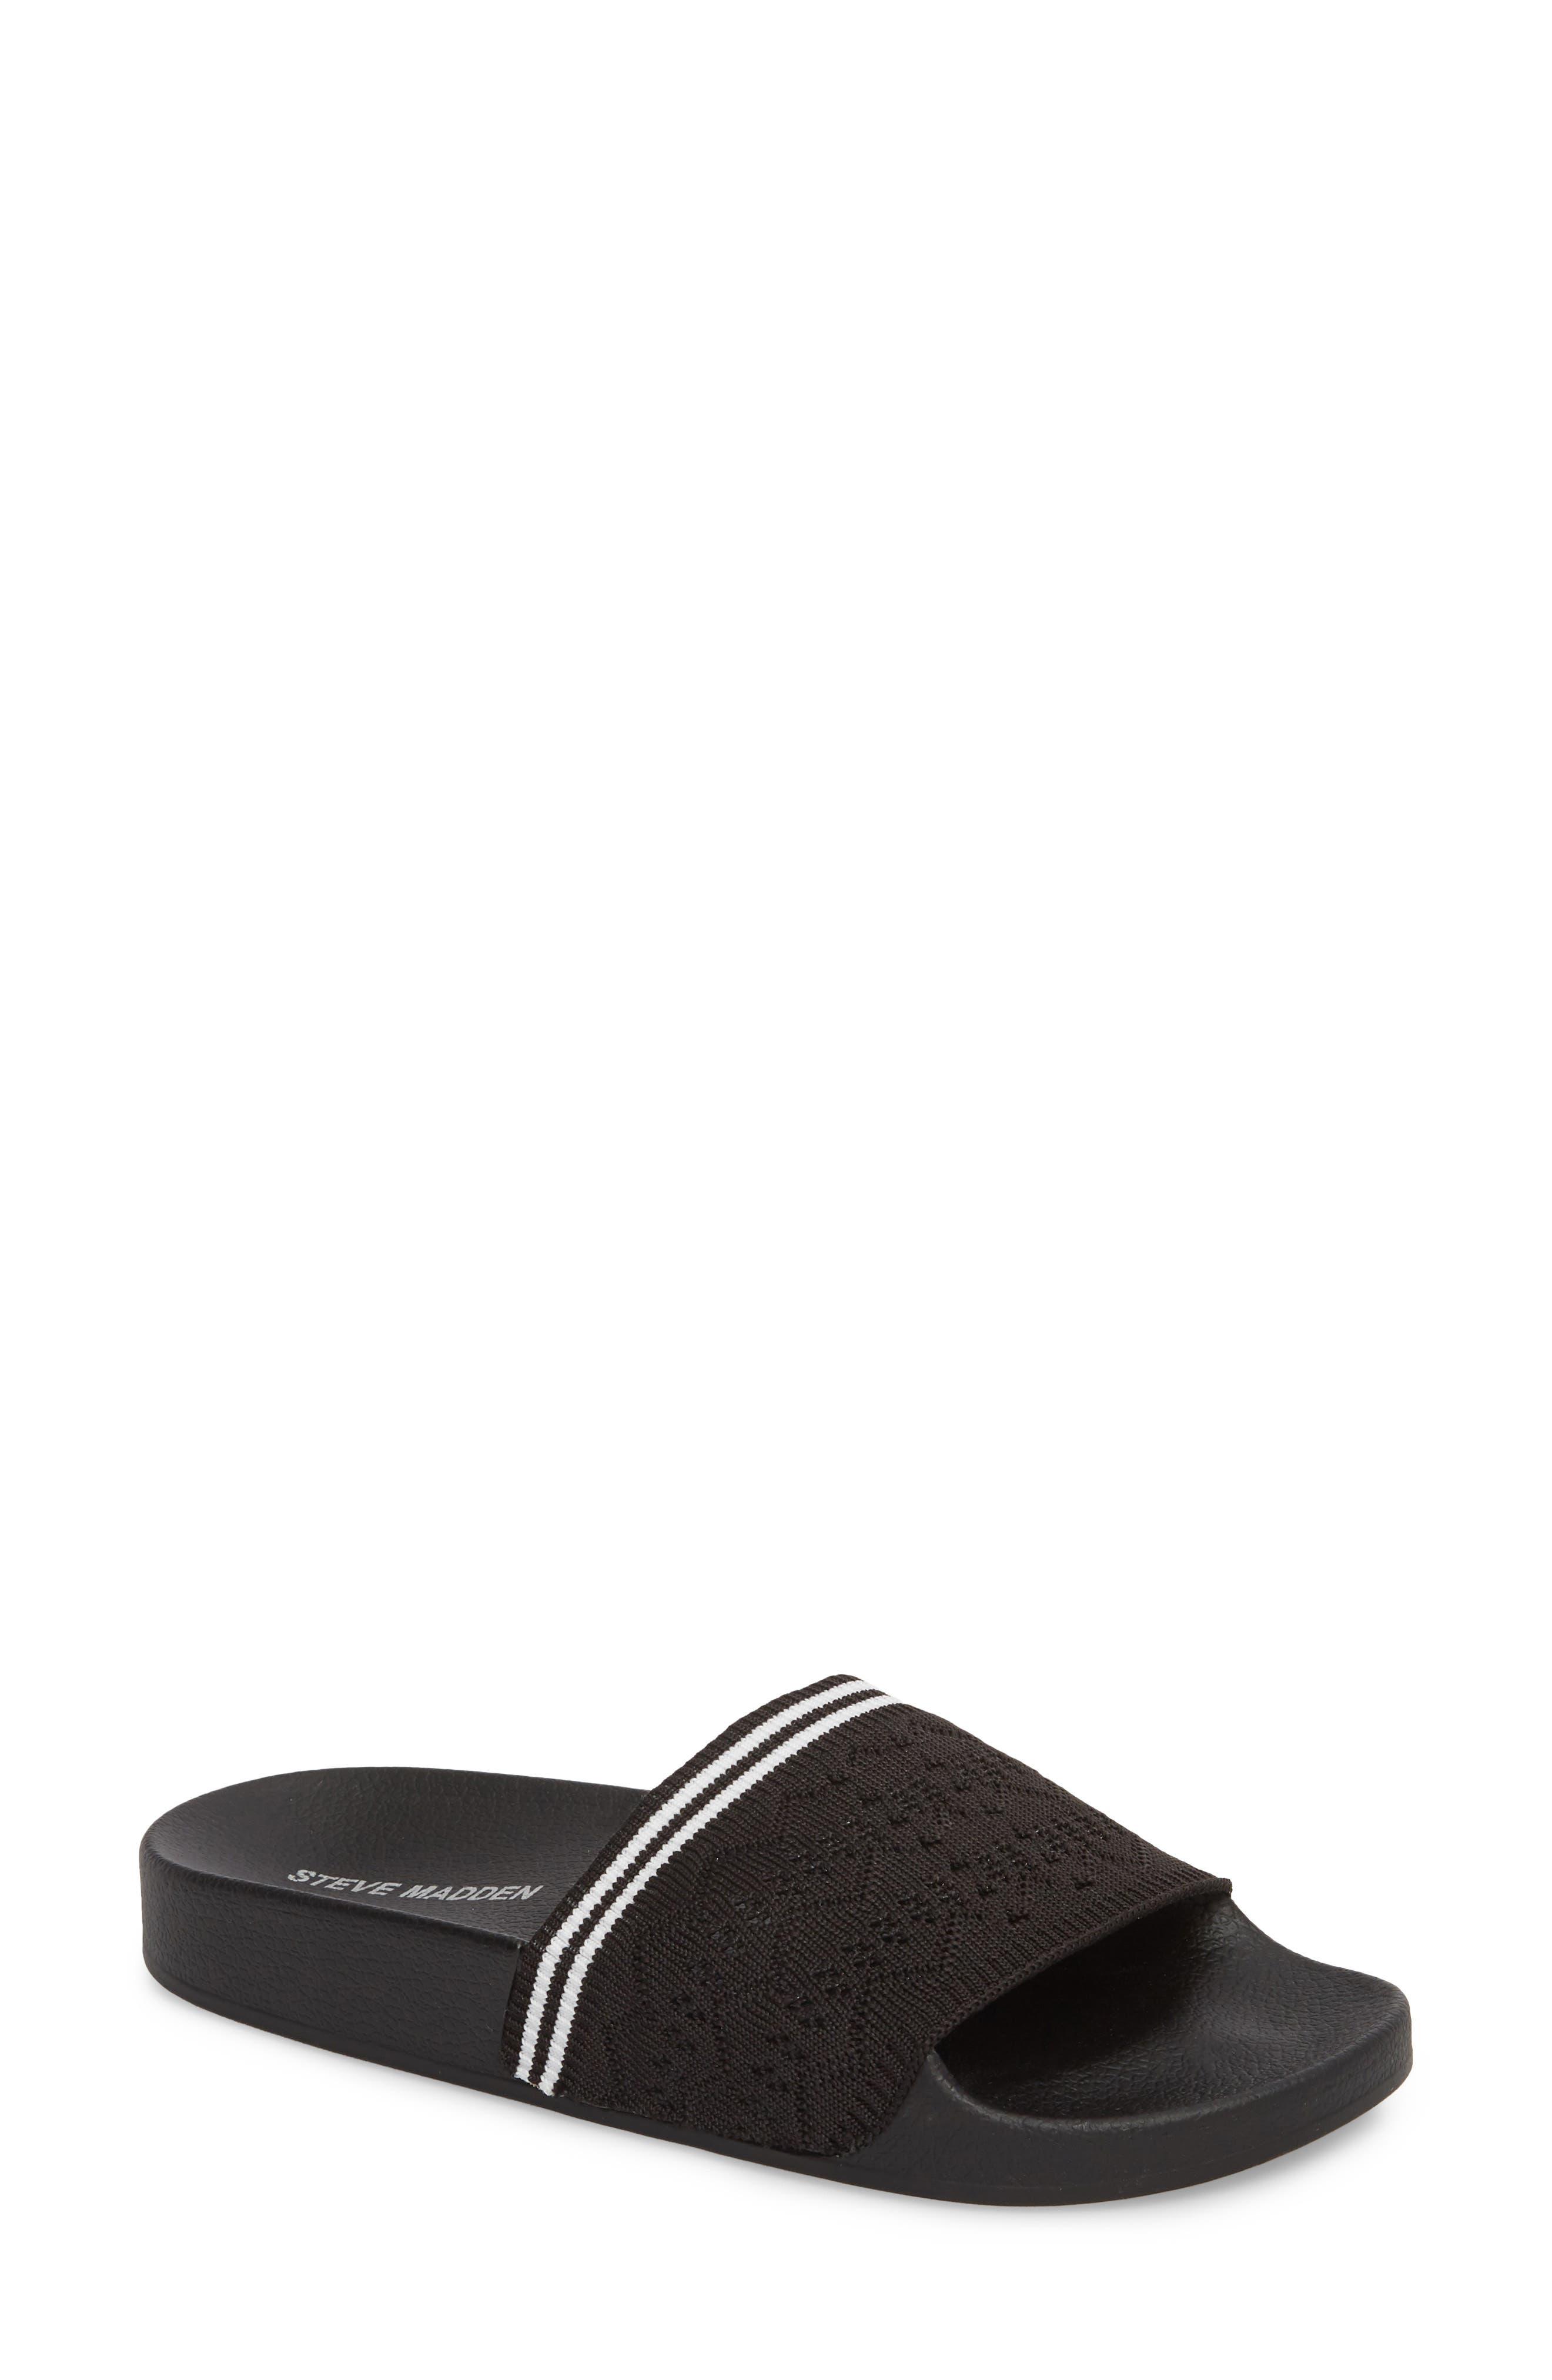 Vibe Sock Knit Slide Sandal,                             Main thumbnail 1, color,                             001